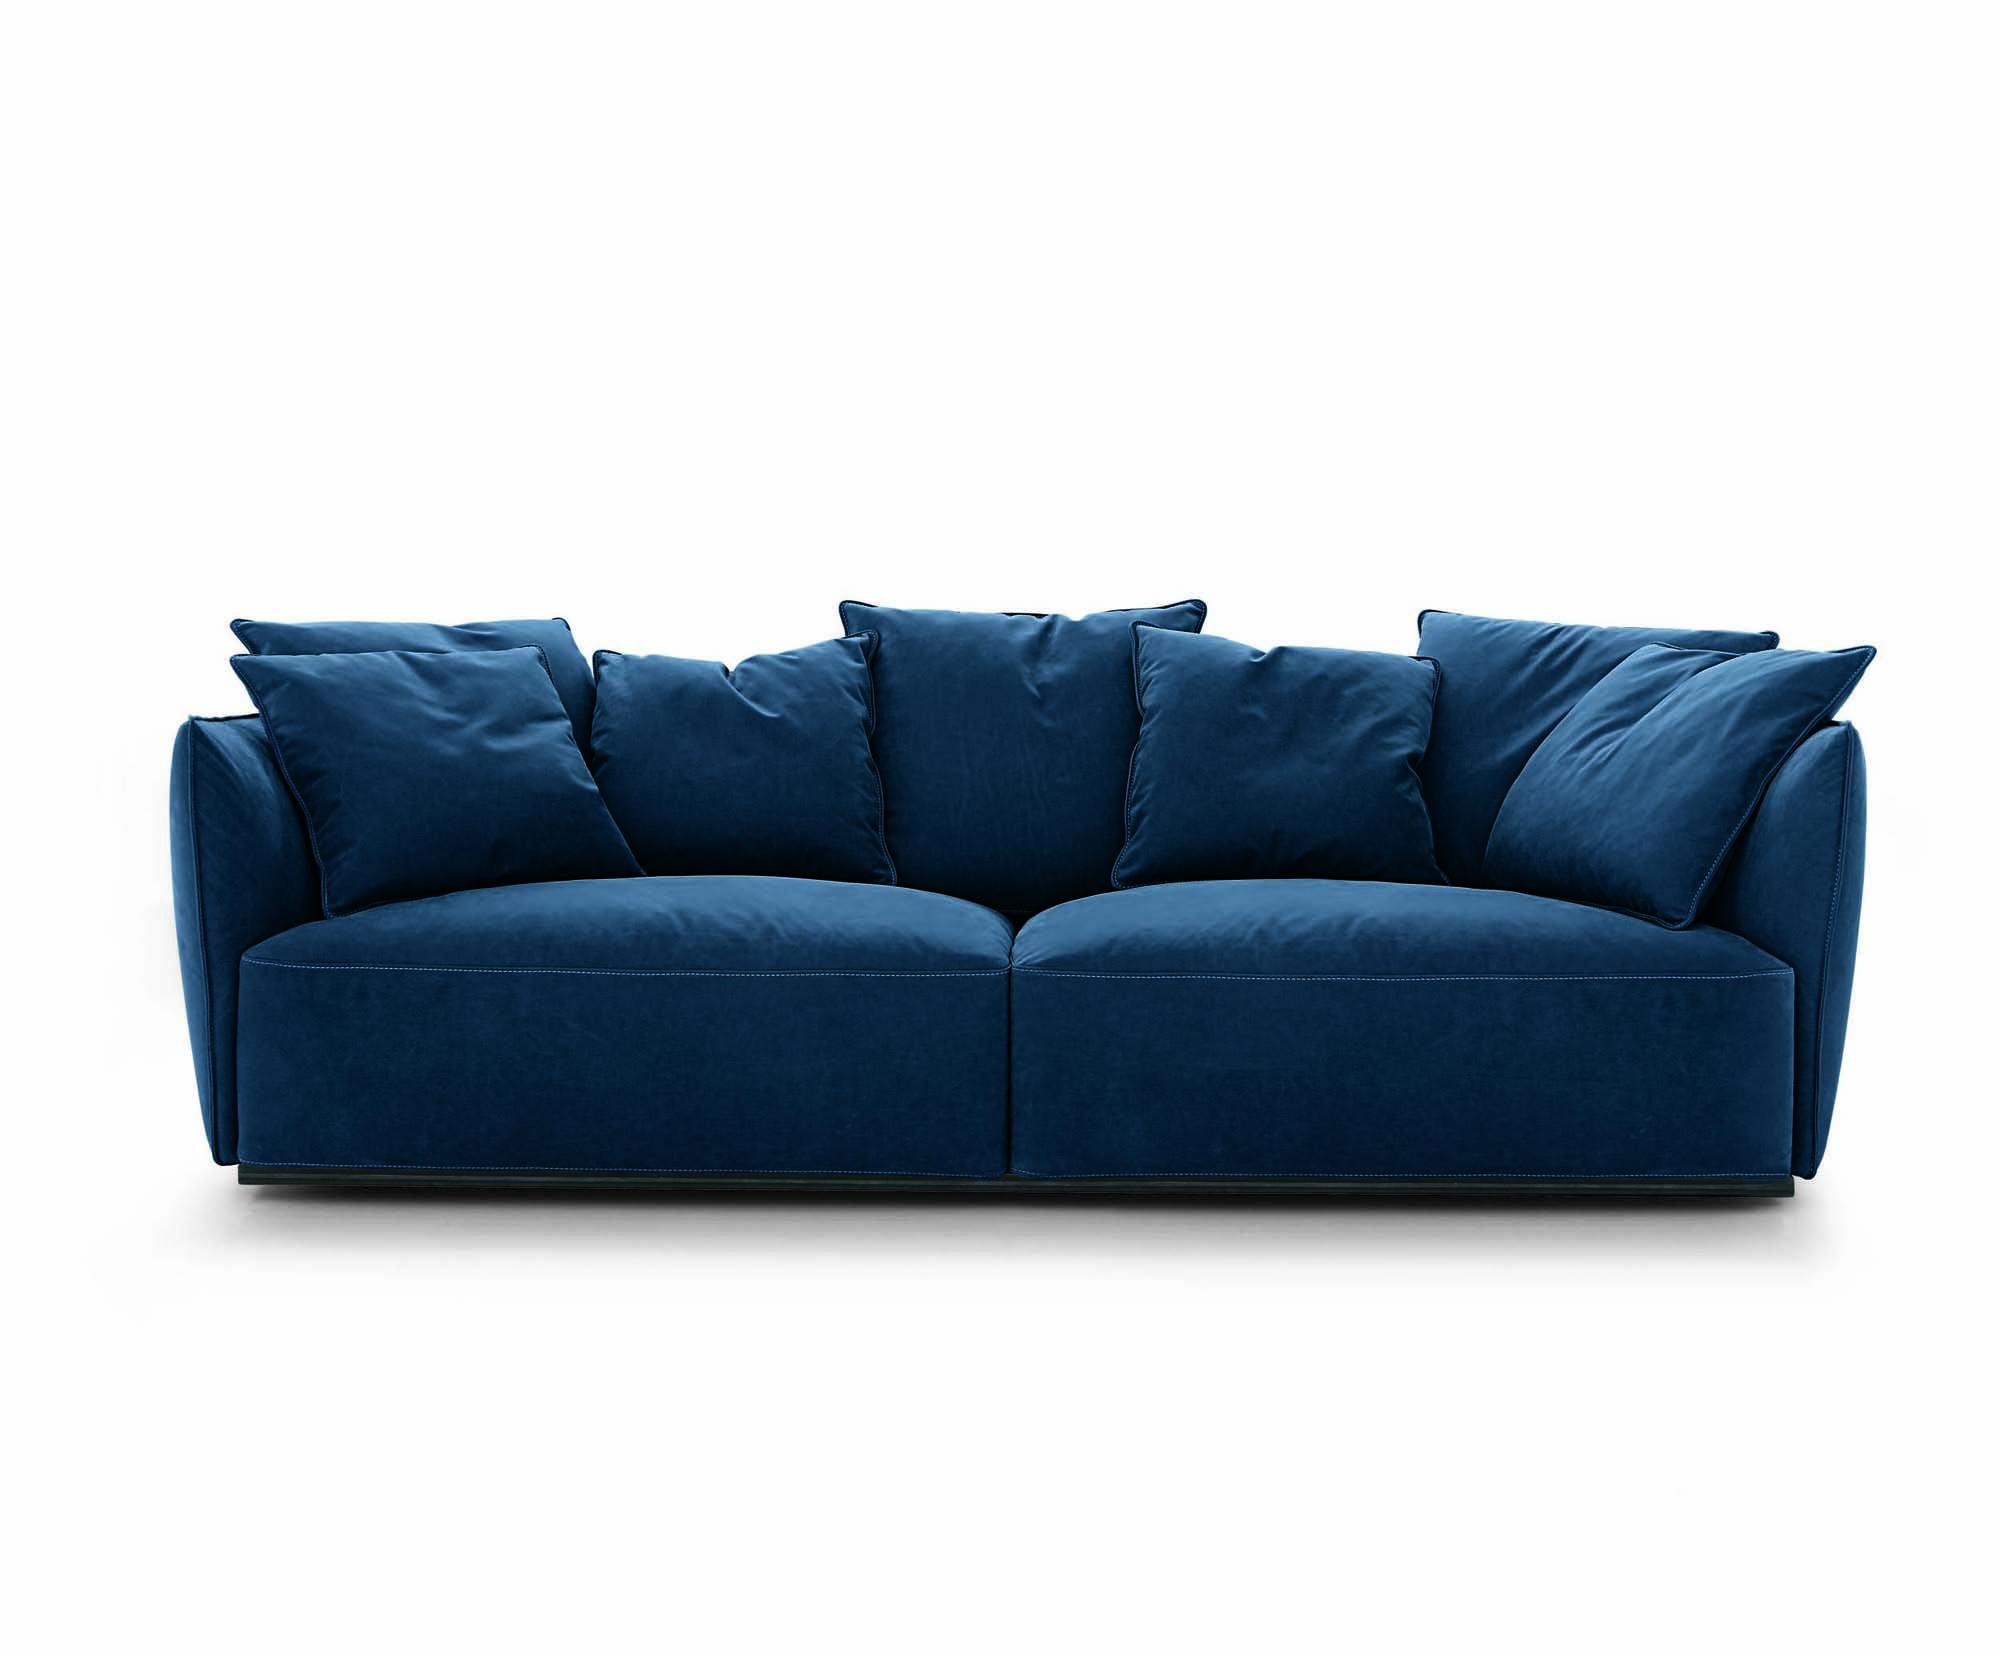 Divani In Pelle Blu.Divani Blu Cose Di Casa